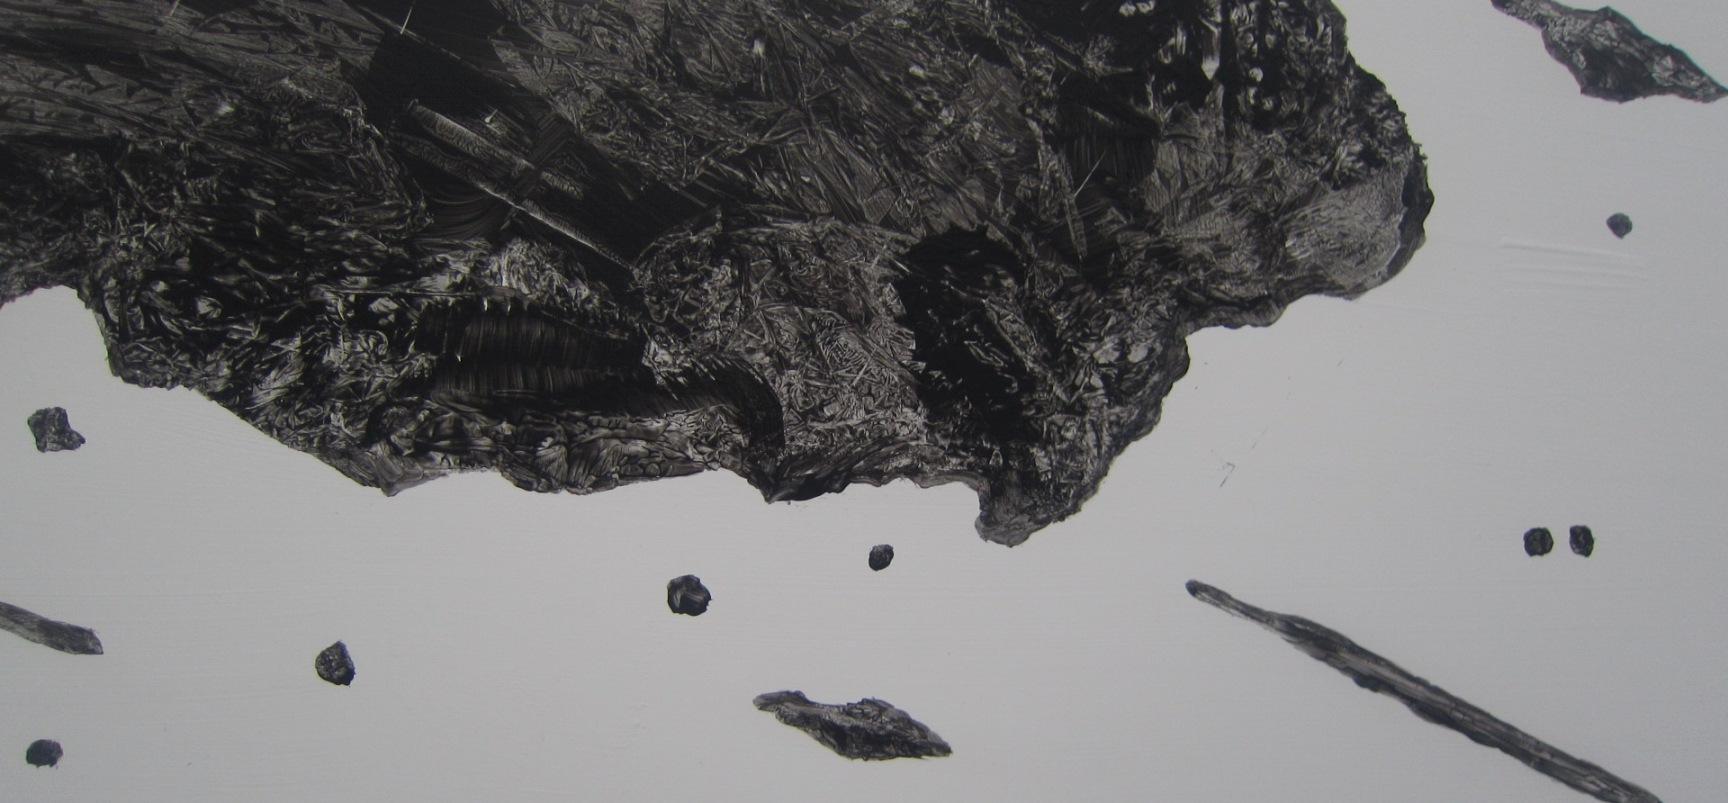 2017)②「'13 北海道抽象派作家協会四〇周年記念展」 市民ギャラリー 終了4月9日(火)~4月14日(日)_f0126829_20434941.jpg